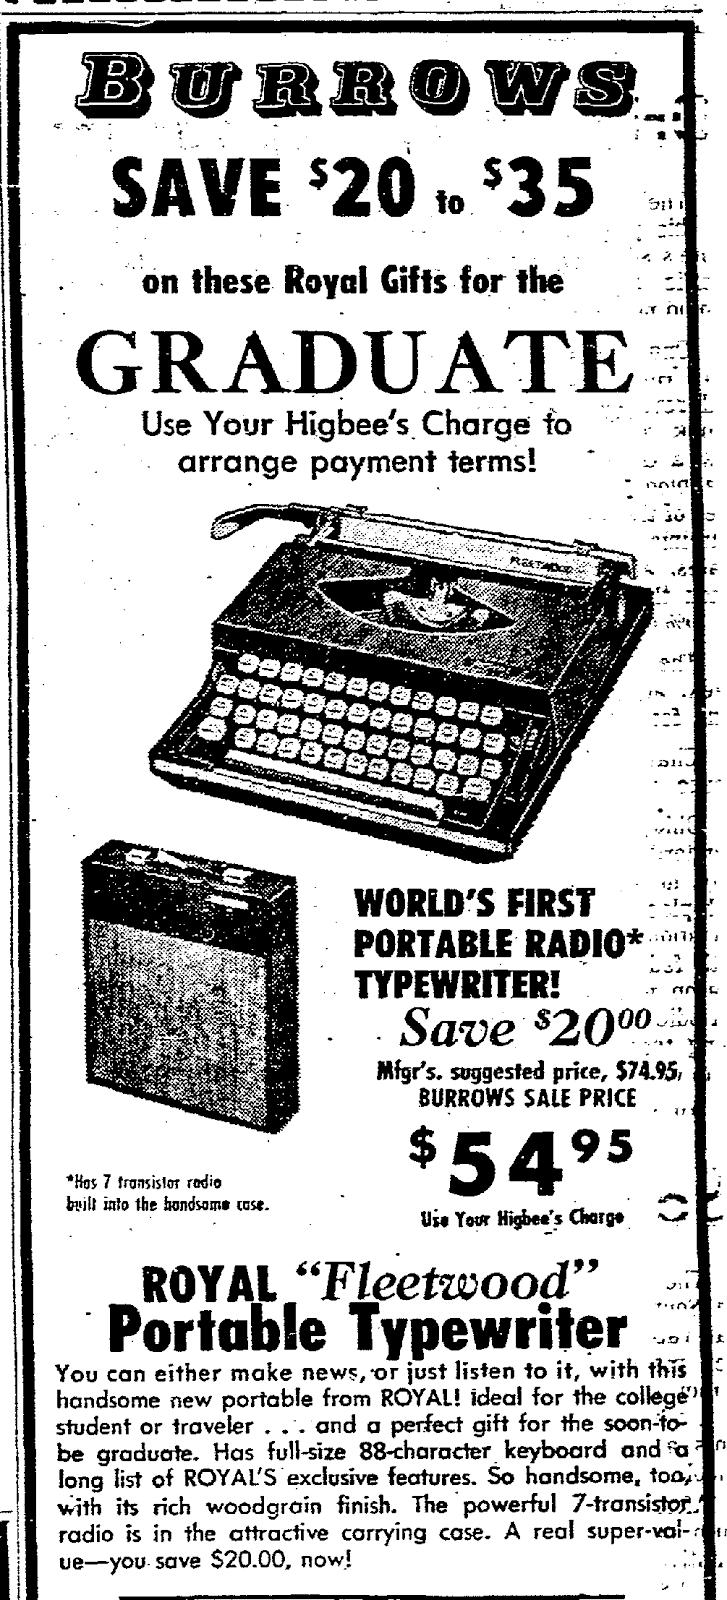 Royal Typewriters: Royal Fleetwood, 1970